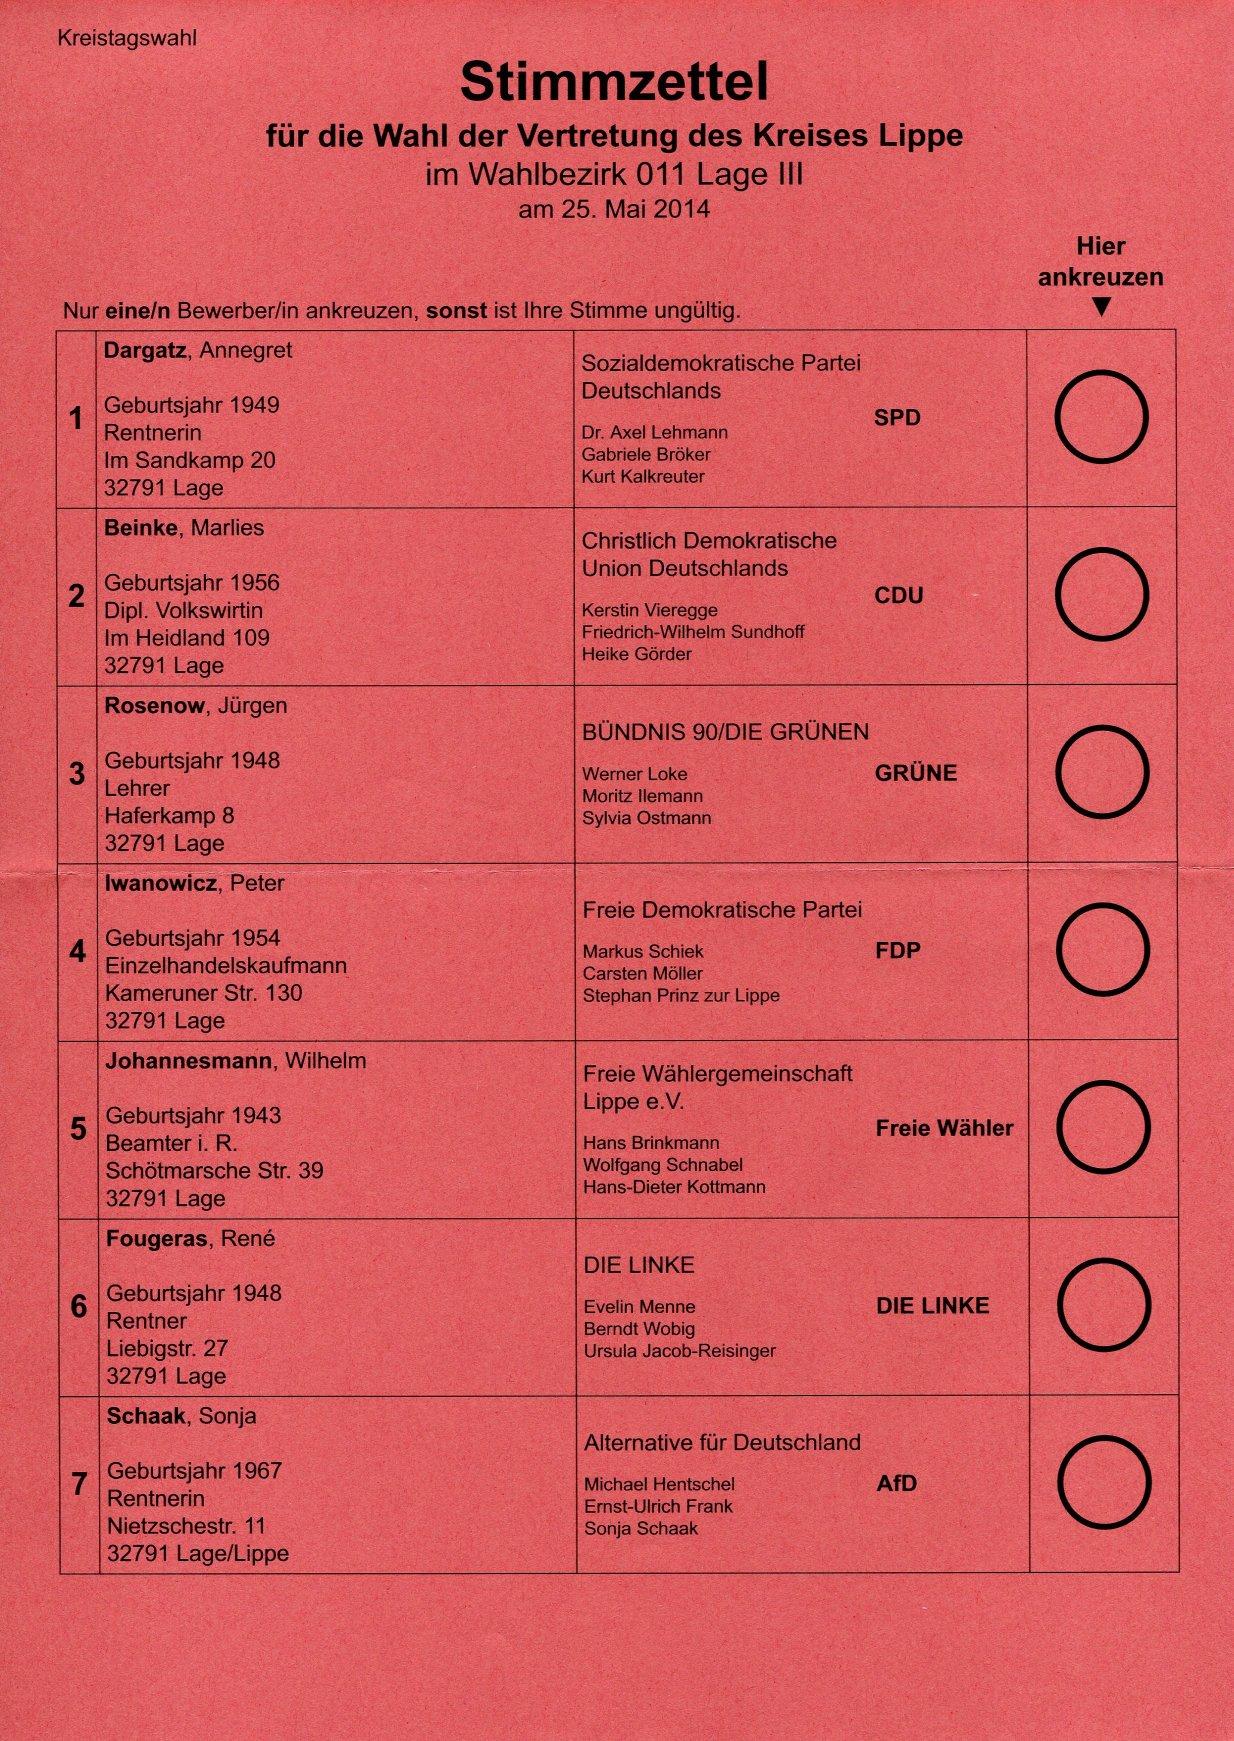 Stimmzettel Kreistagswahl Lippe 2014